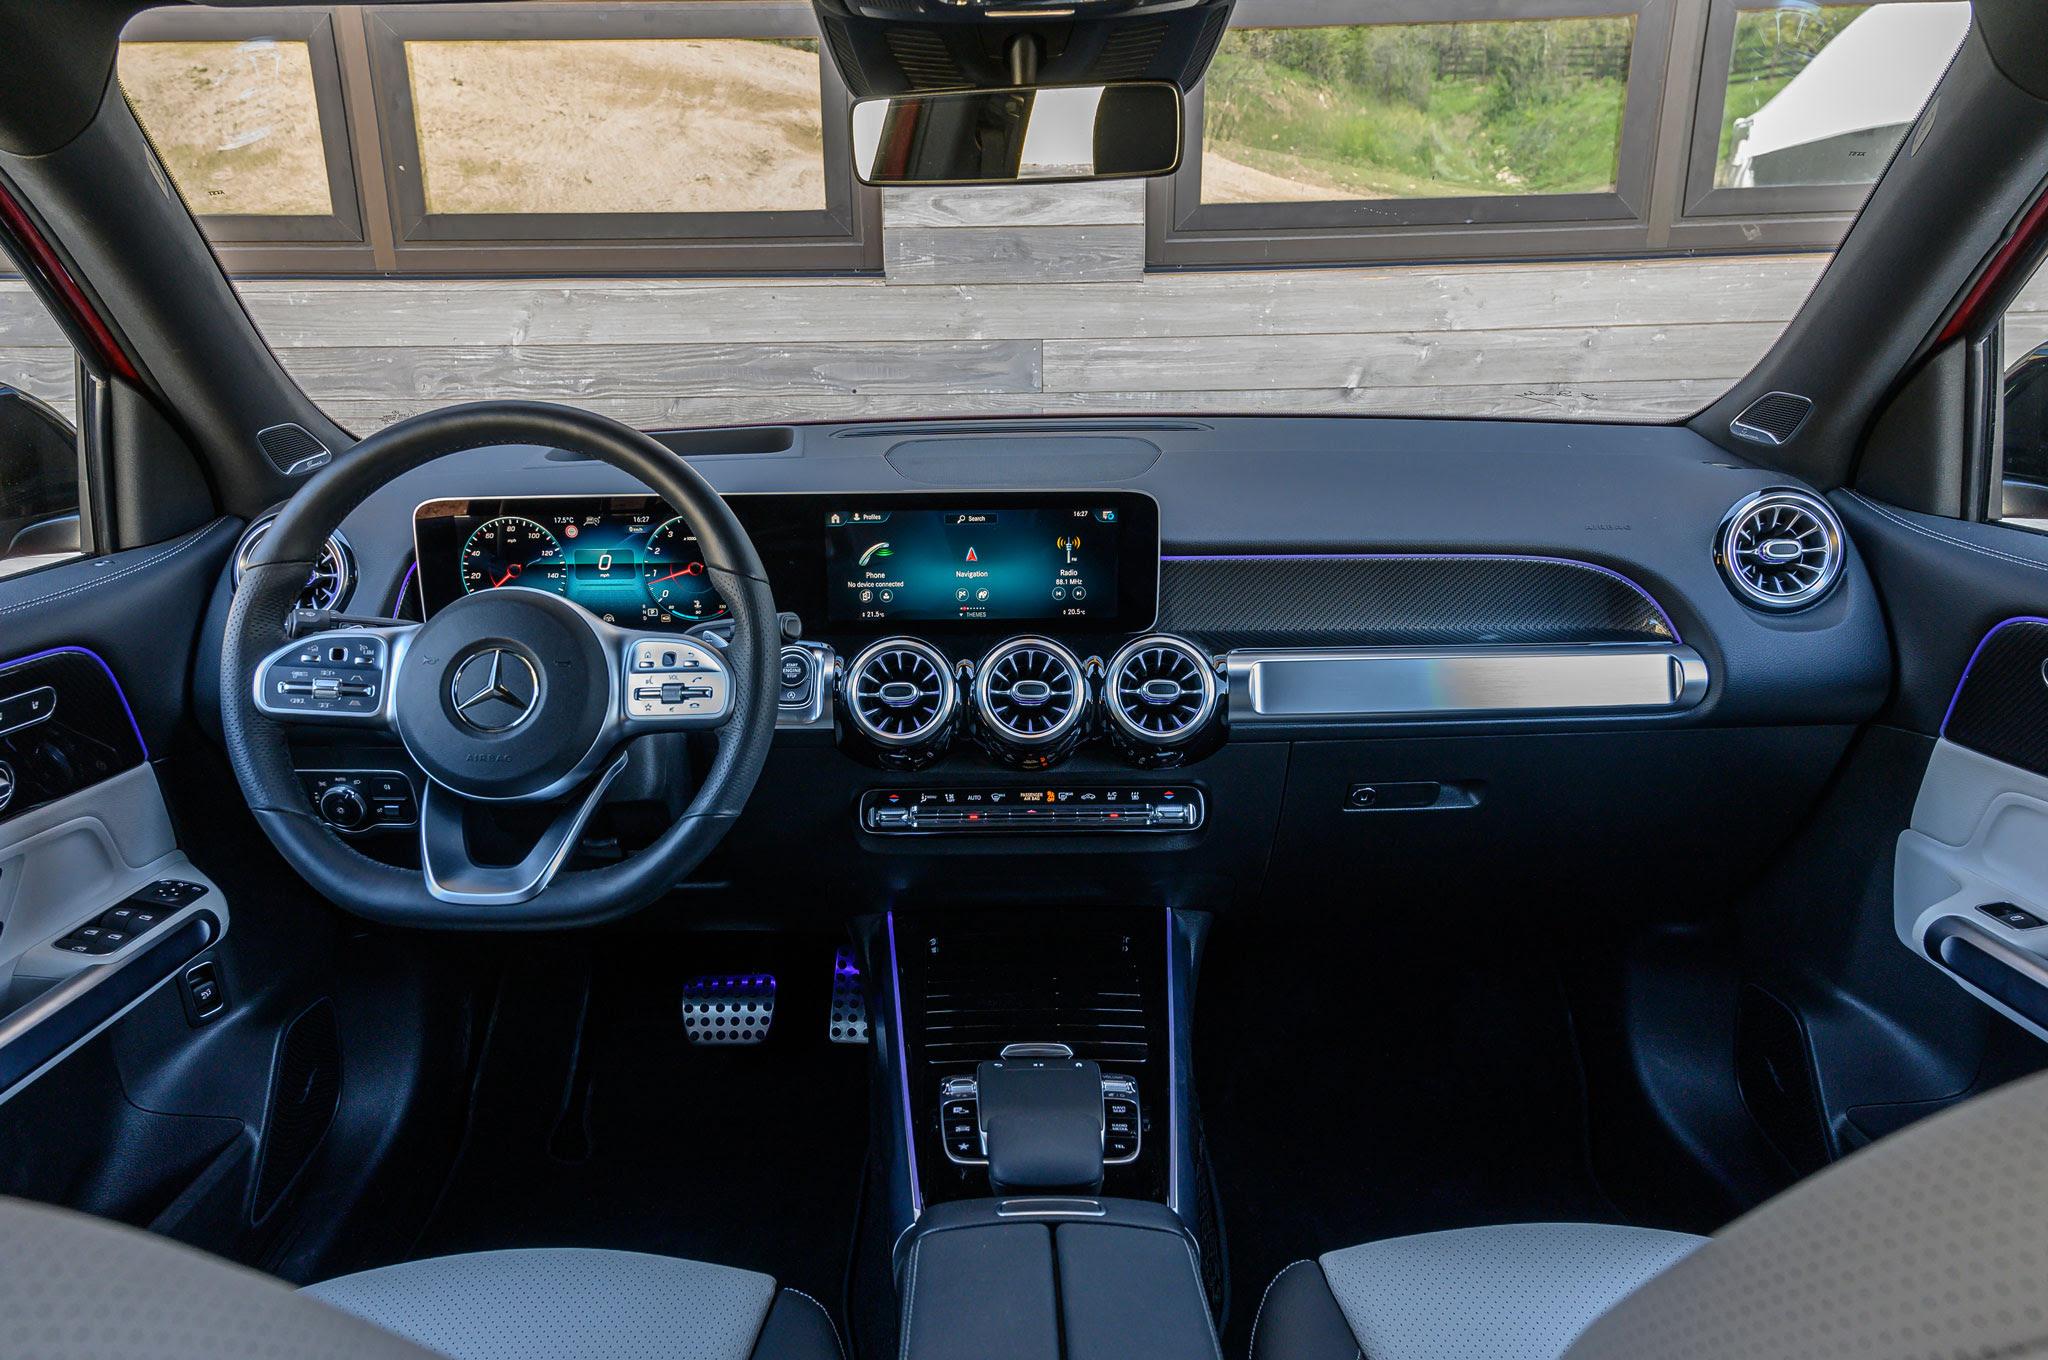 First Look - 2020 Mercedes-Benz GLB 250